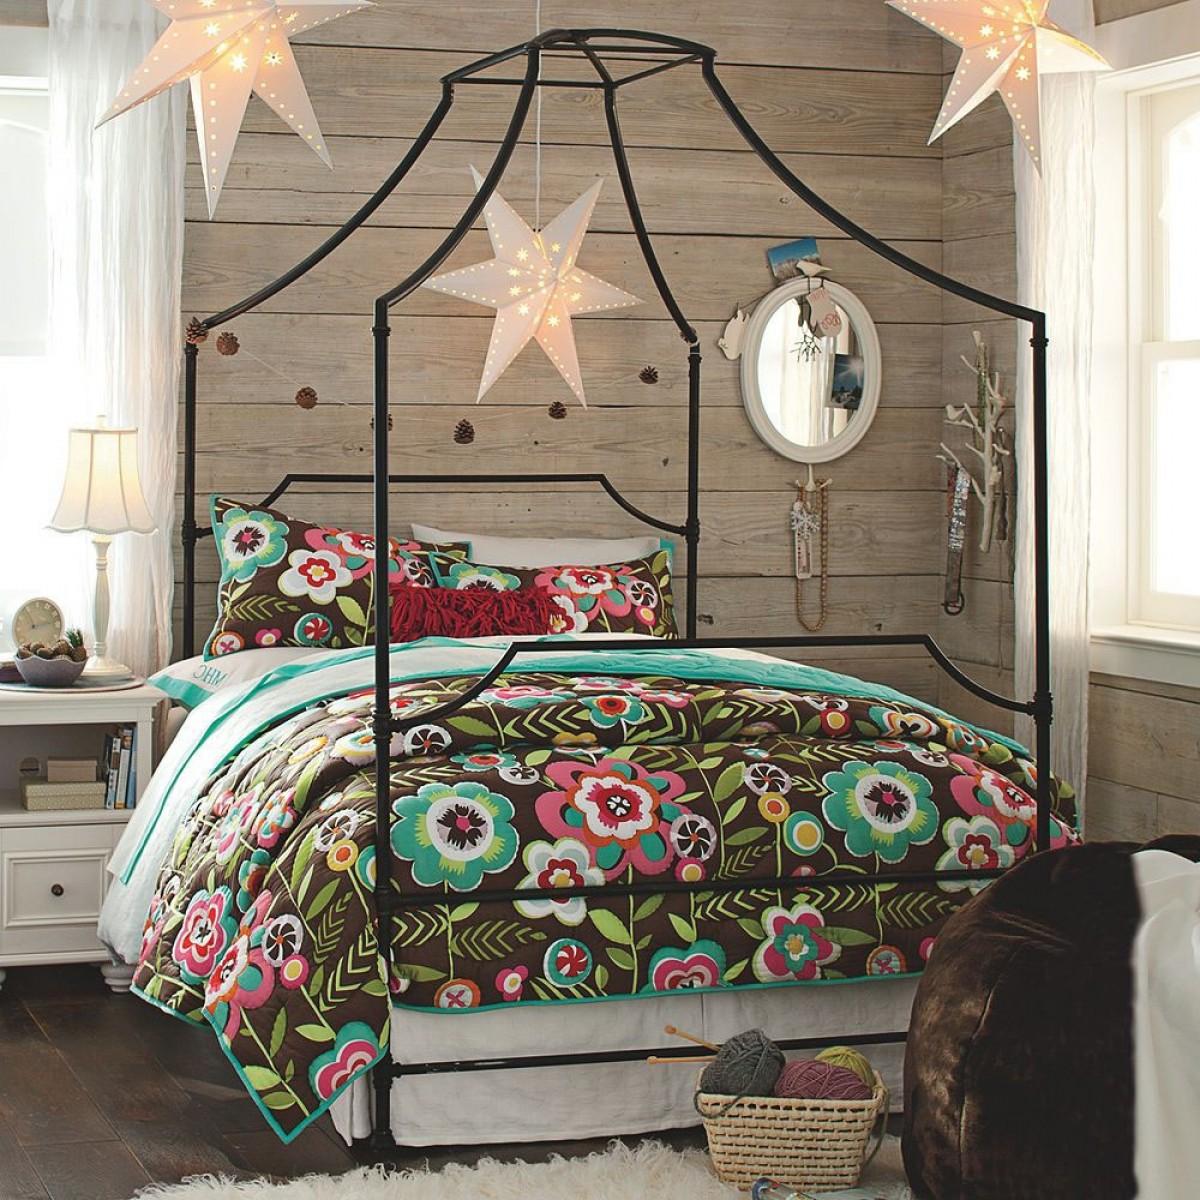 Bed canopy gypsy - Bohemian Style Room Idea 15